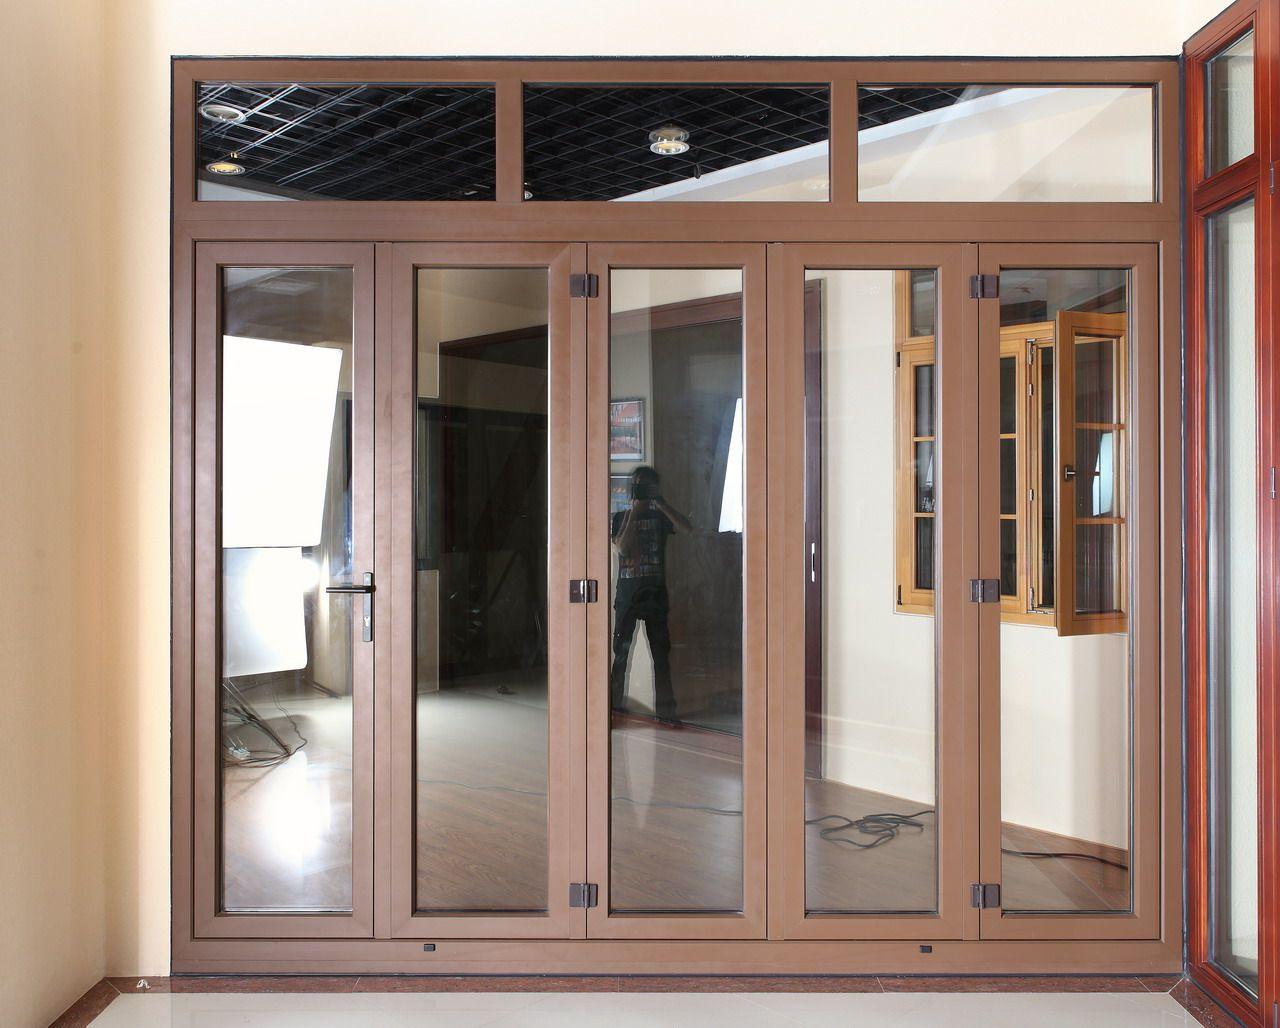 Aluminum Clad Wood Bifold Door In 2020 Bifold Doors Clad Wood Glass Bifold Doors